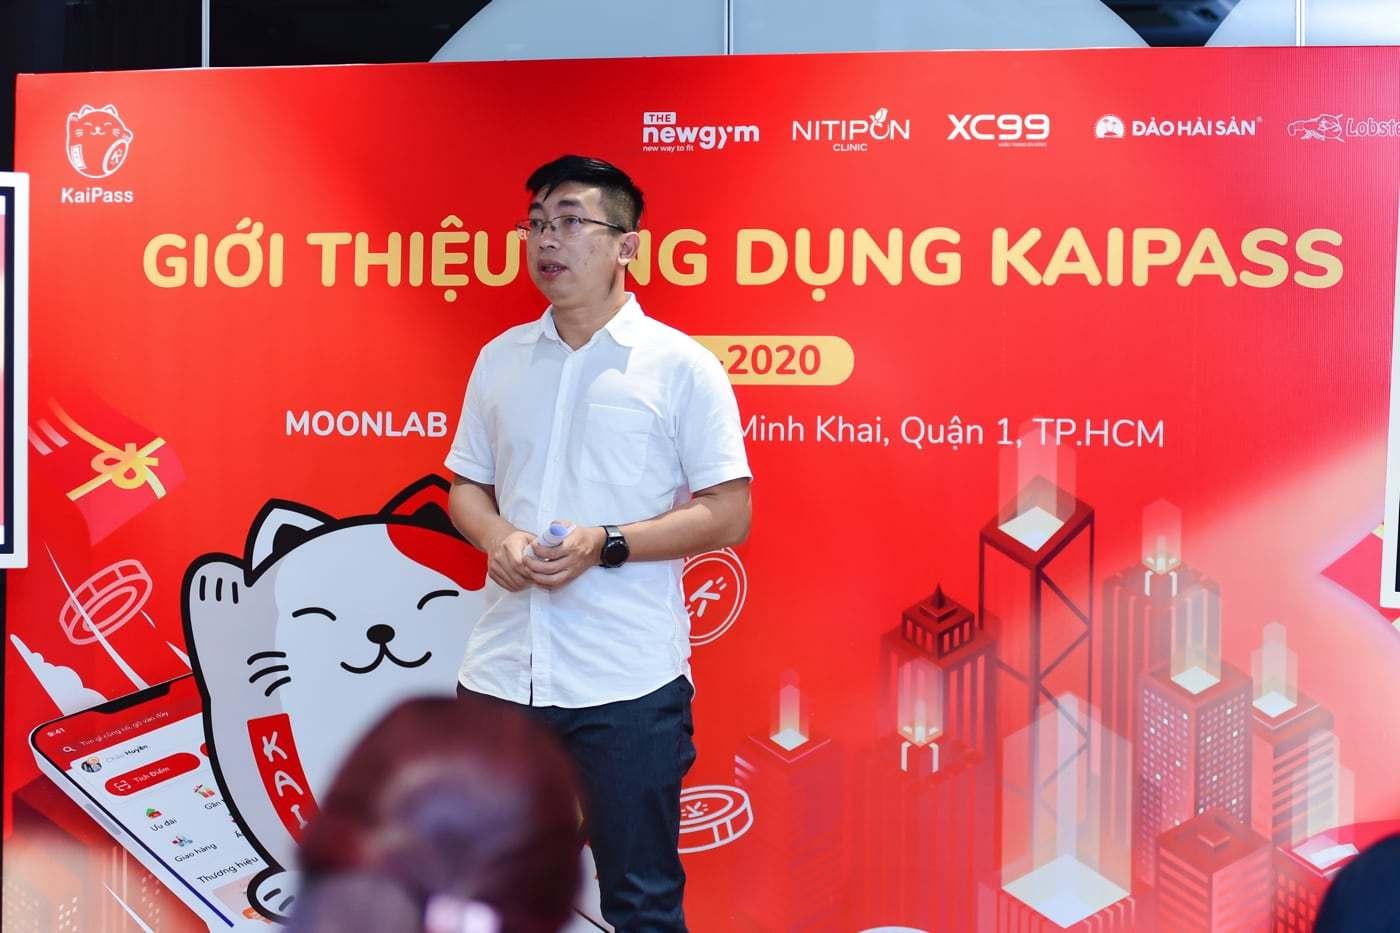 KaiPass: Ứng dụng tích điểm kiểu mới của New Retail Technology được ra mắt - 2